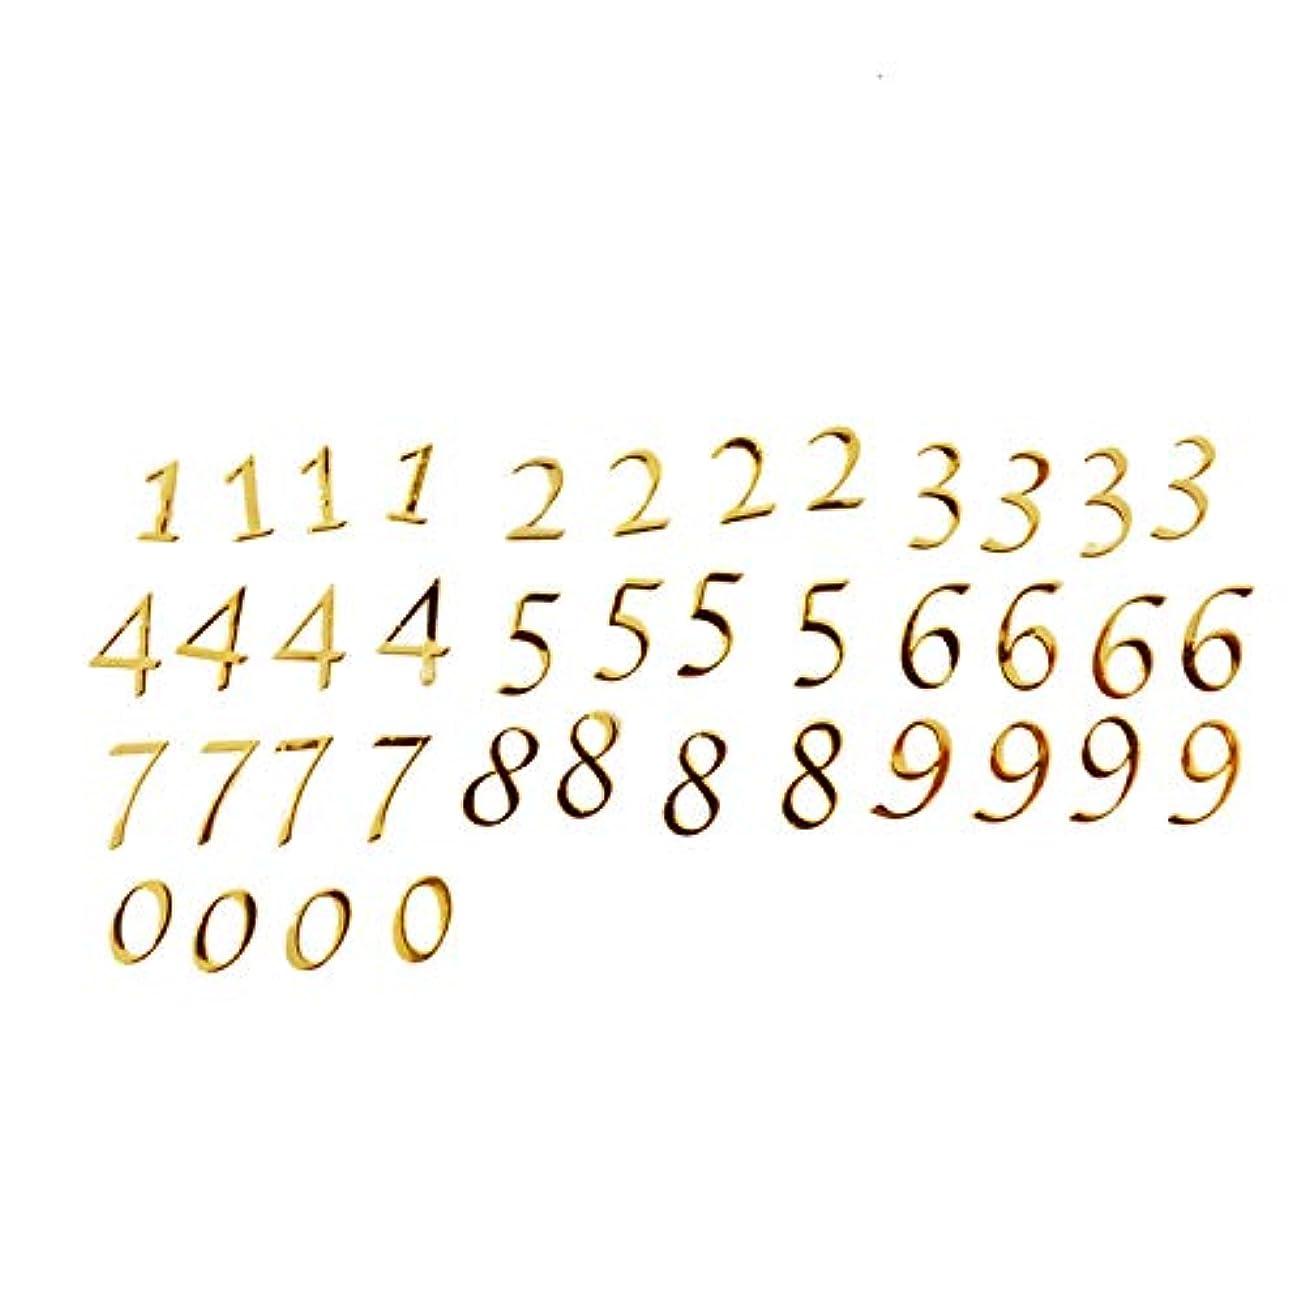 多様性プレートだます数字のメタルパーツ0から9まで4枚ずつ、合計40枚セット